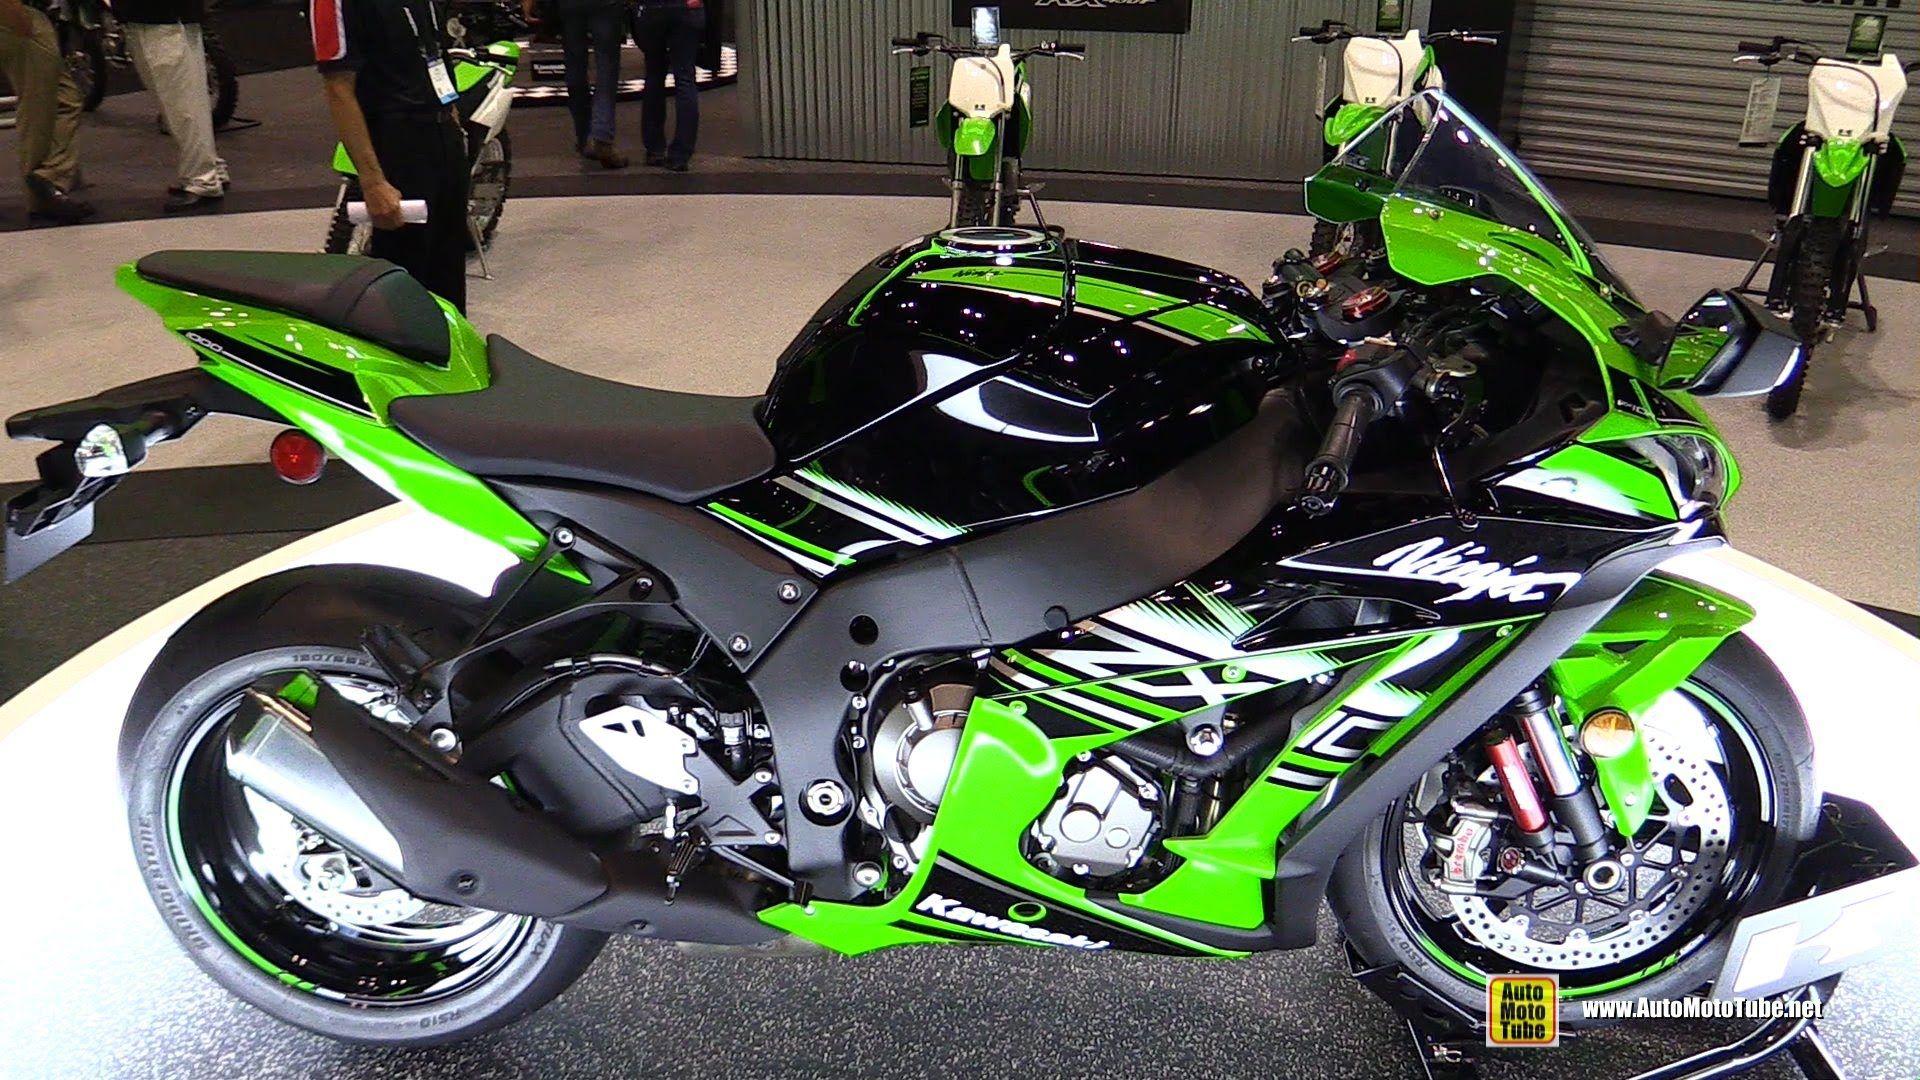 2016 Kawasaki Ninja Zx6r Krt Edition Walkaround 2015 Aimexpo Or